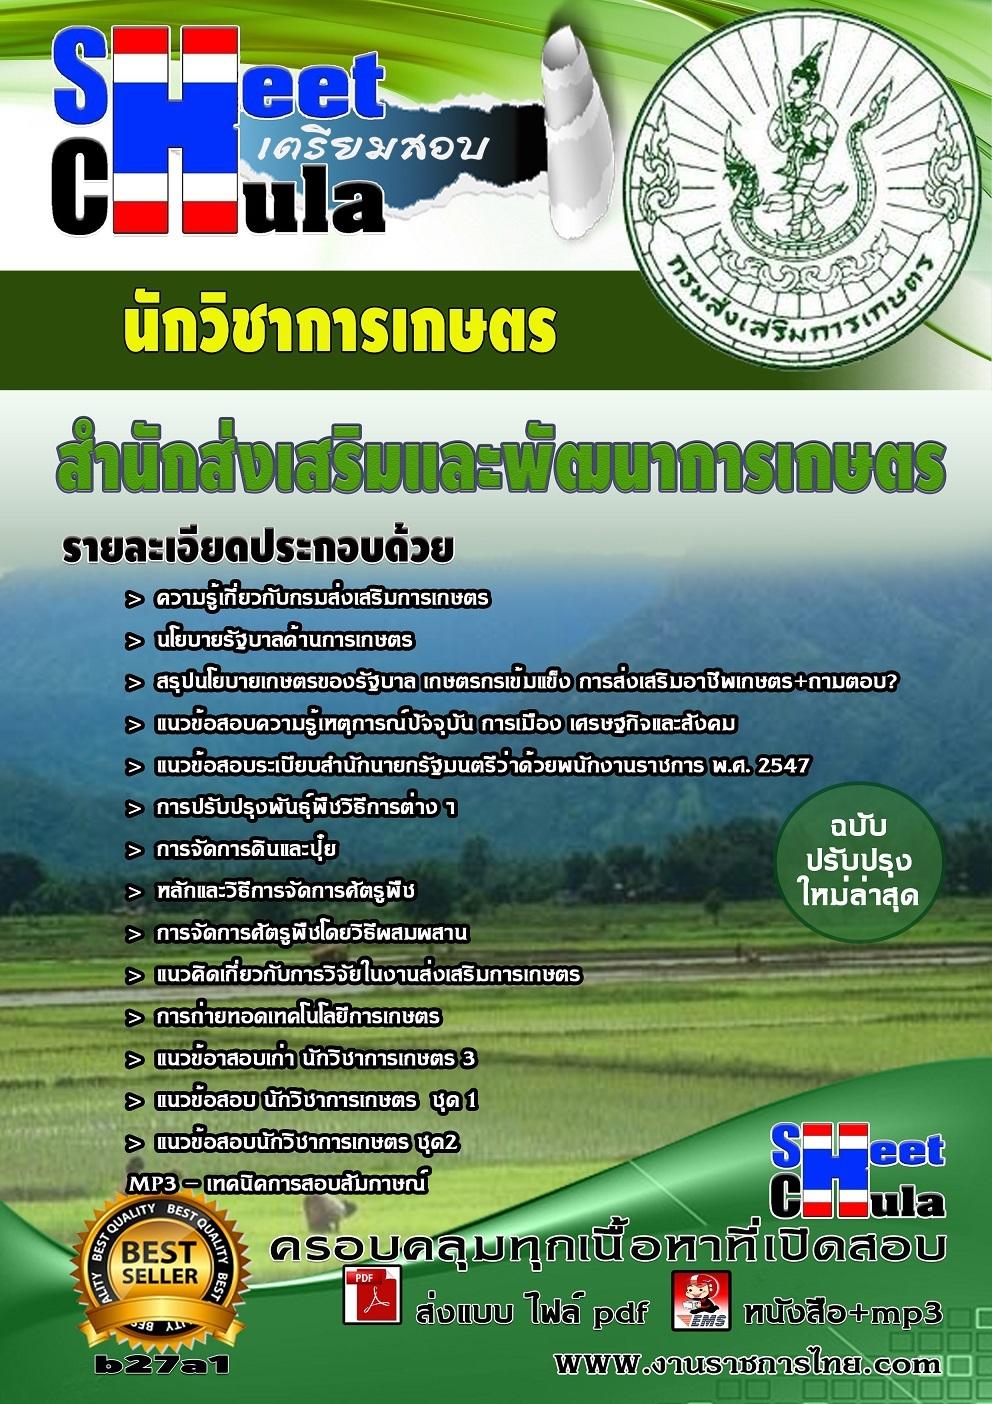 แนวข้อสอบนักวิชาการเกษตร สำนักส่งเสริมและพัฒนาการเกษตร